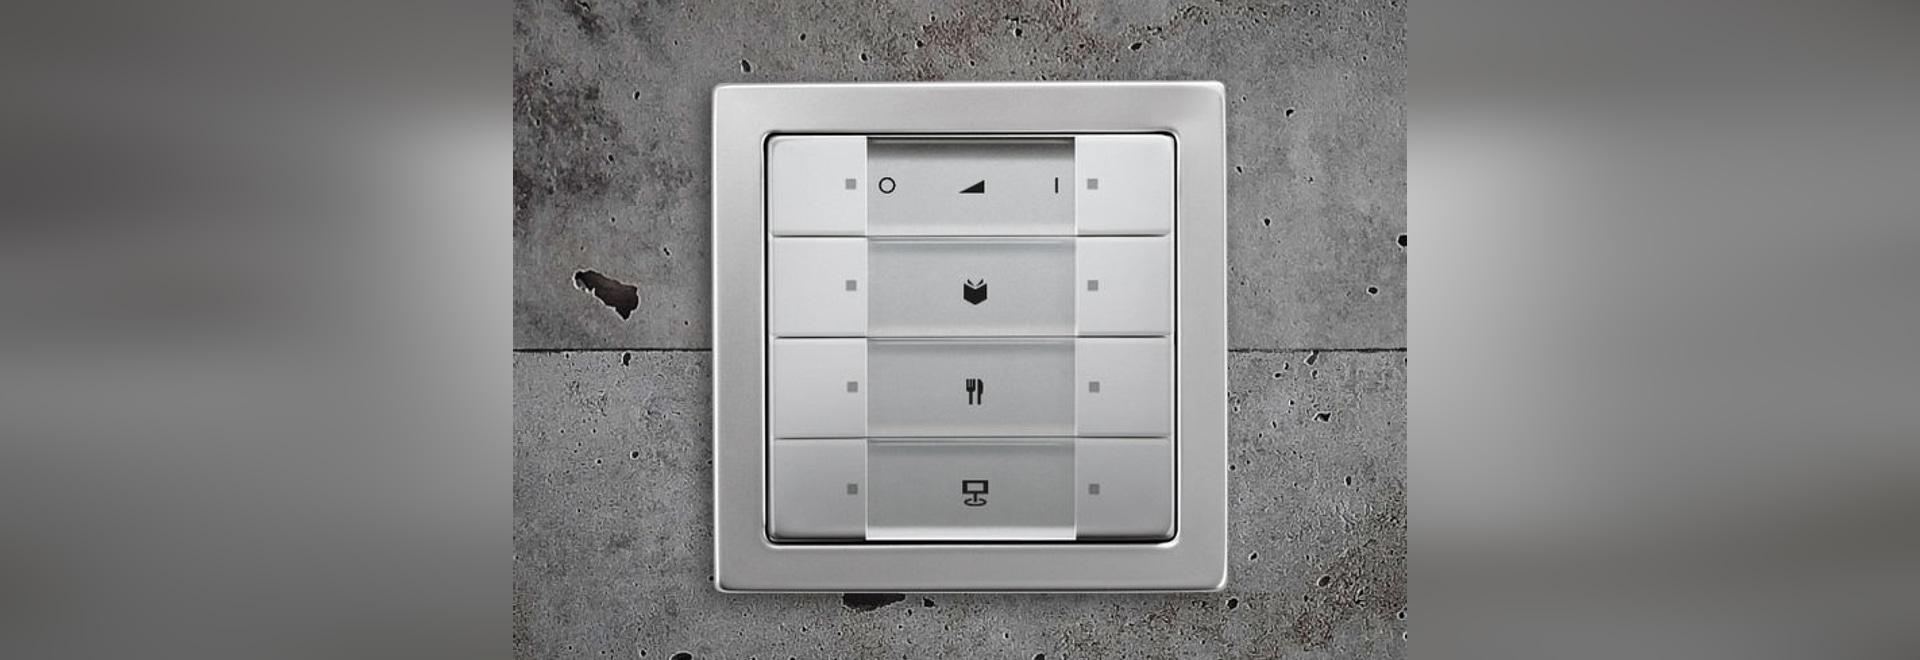 NEW: light dimmer switch by Busch-Jaeger Elektro - Busch-Jaeger Elektro